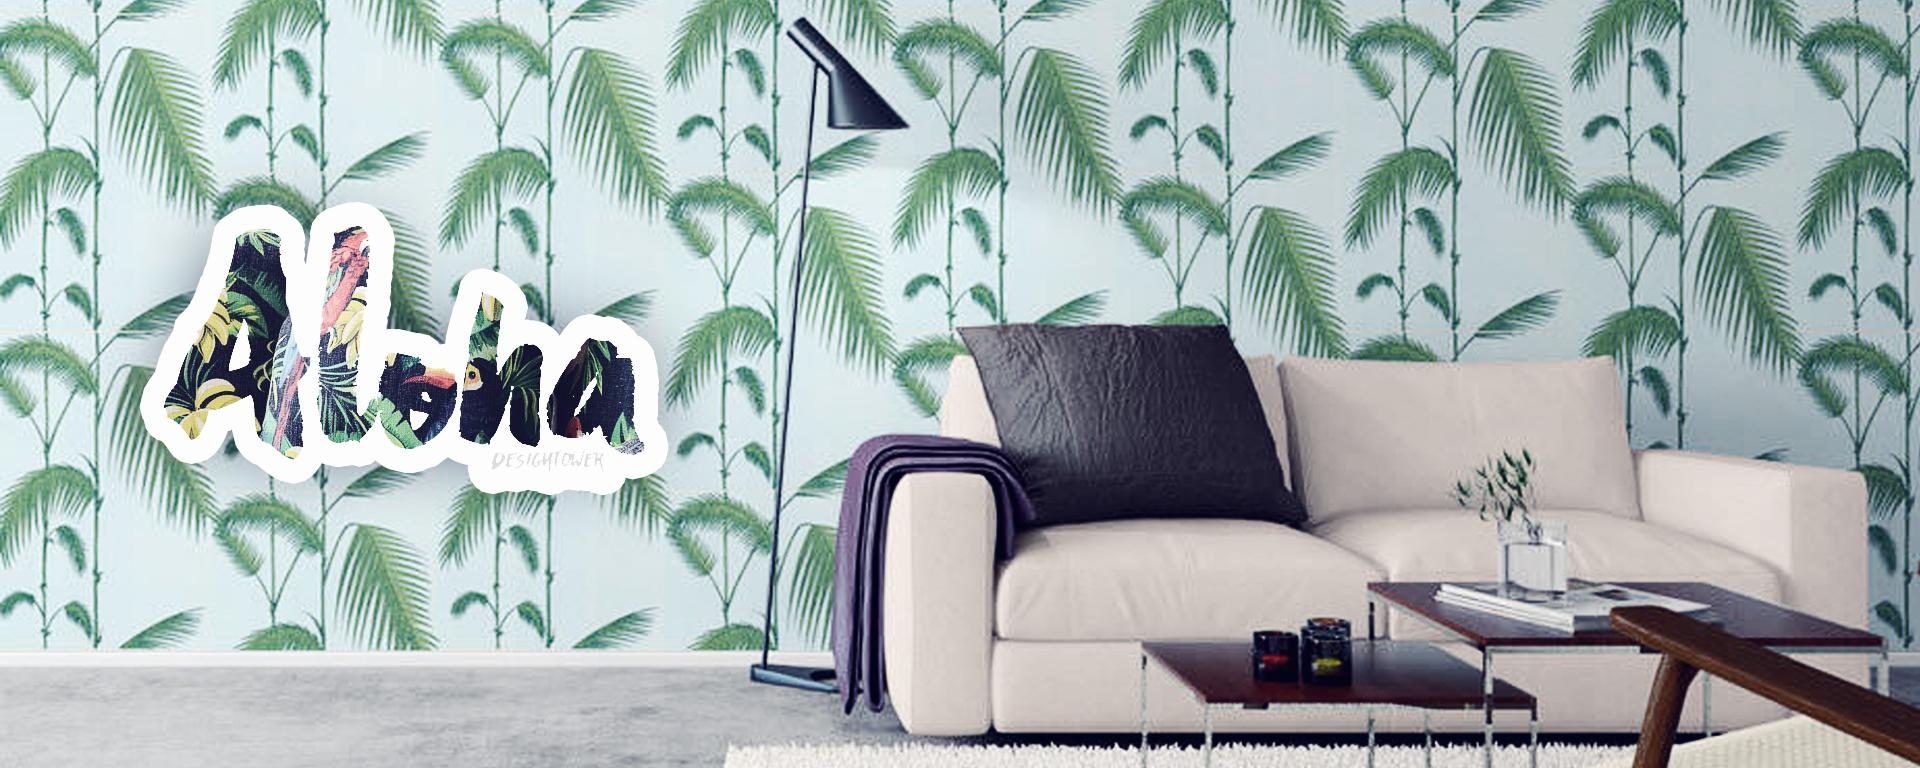 Decorazioni tropicali per la casa floreali mytripmap for Decorazioni per la casa